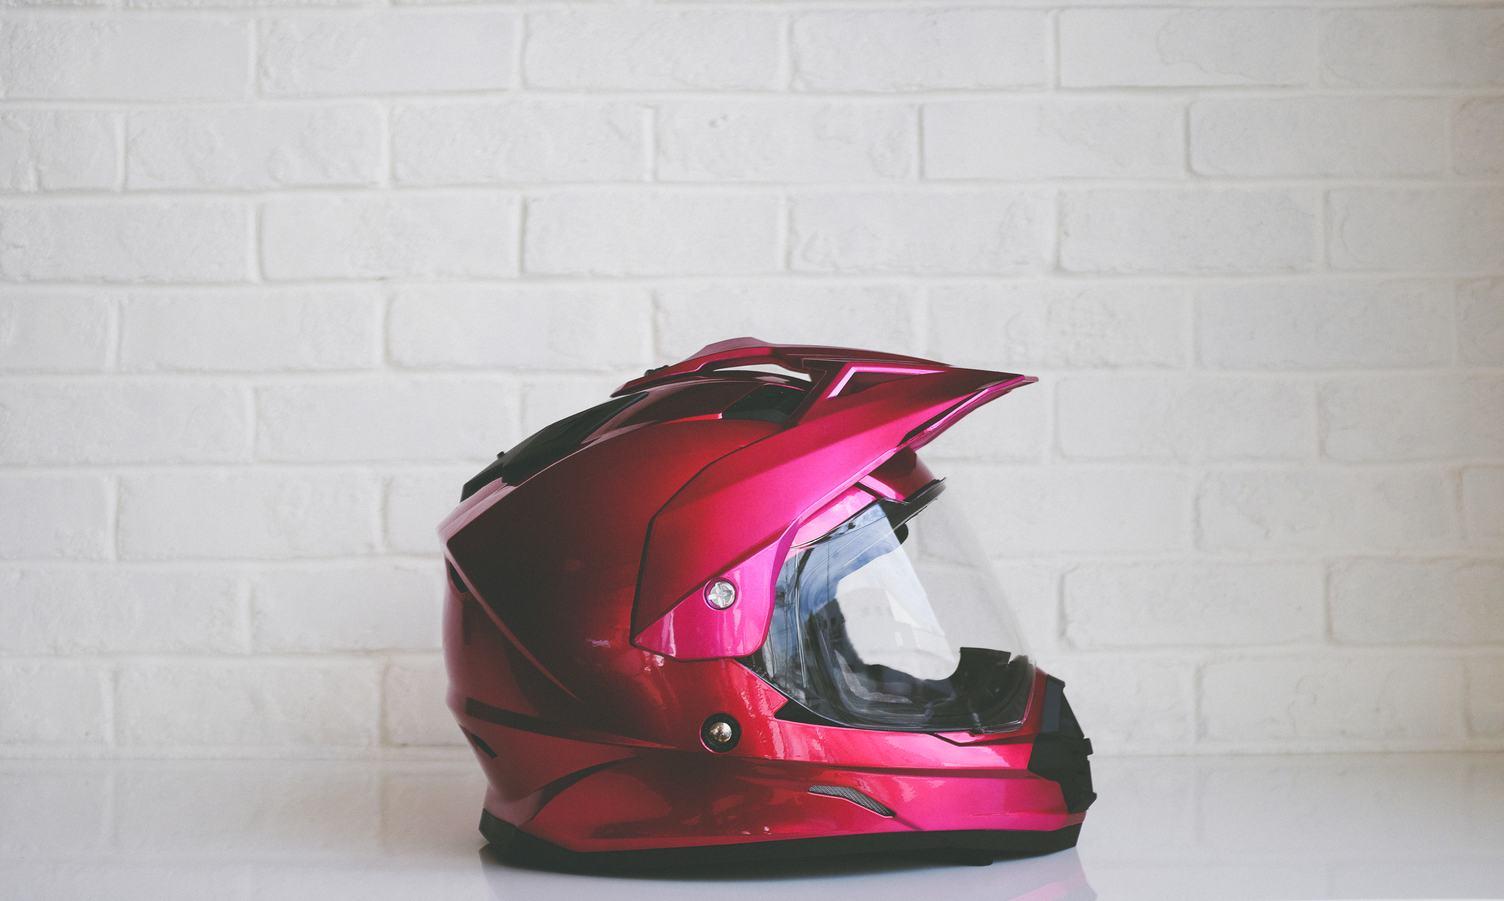 Red Metallic Motorcycle Helmet against White Brick Wall